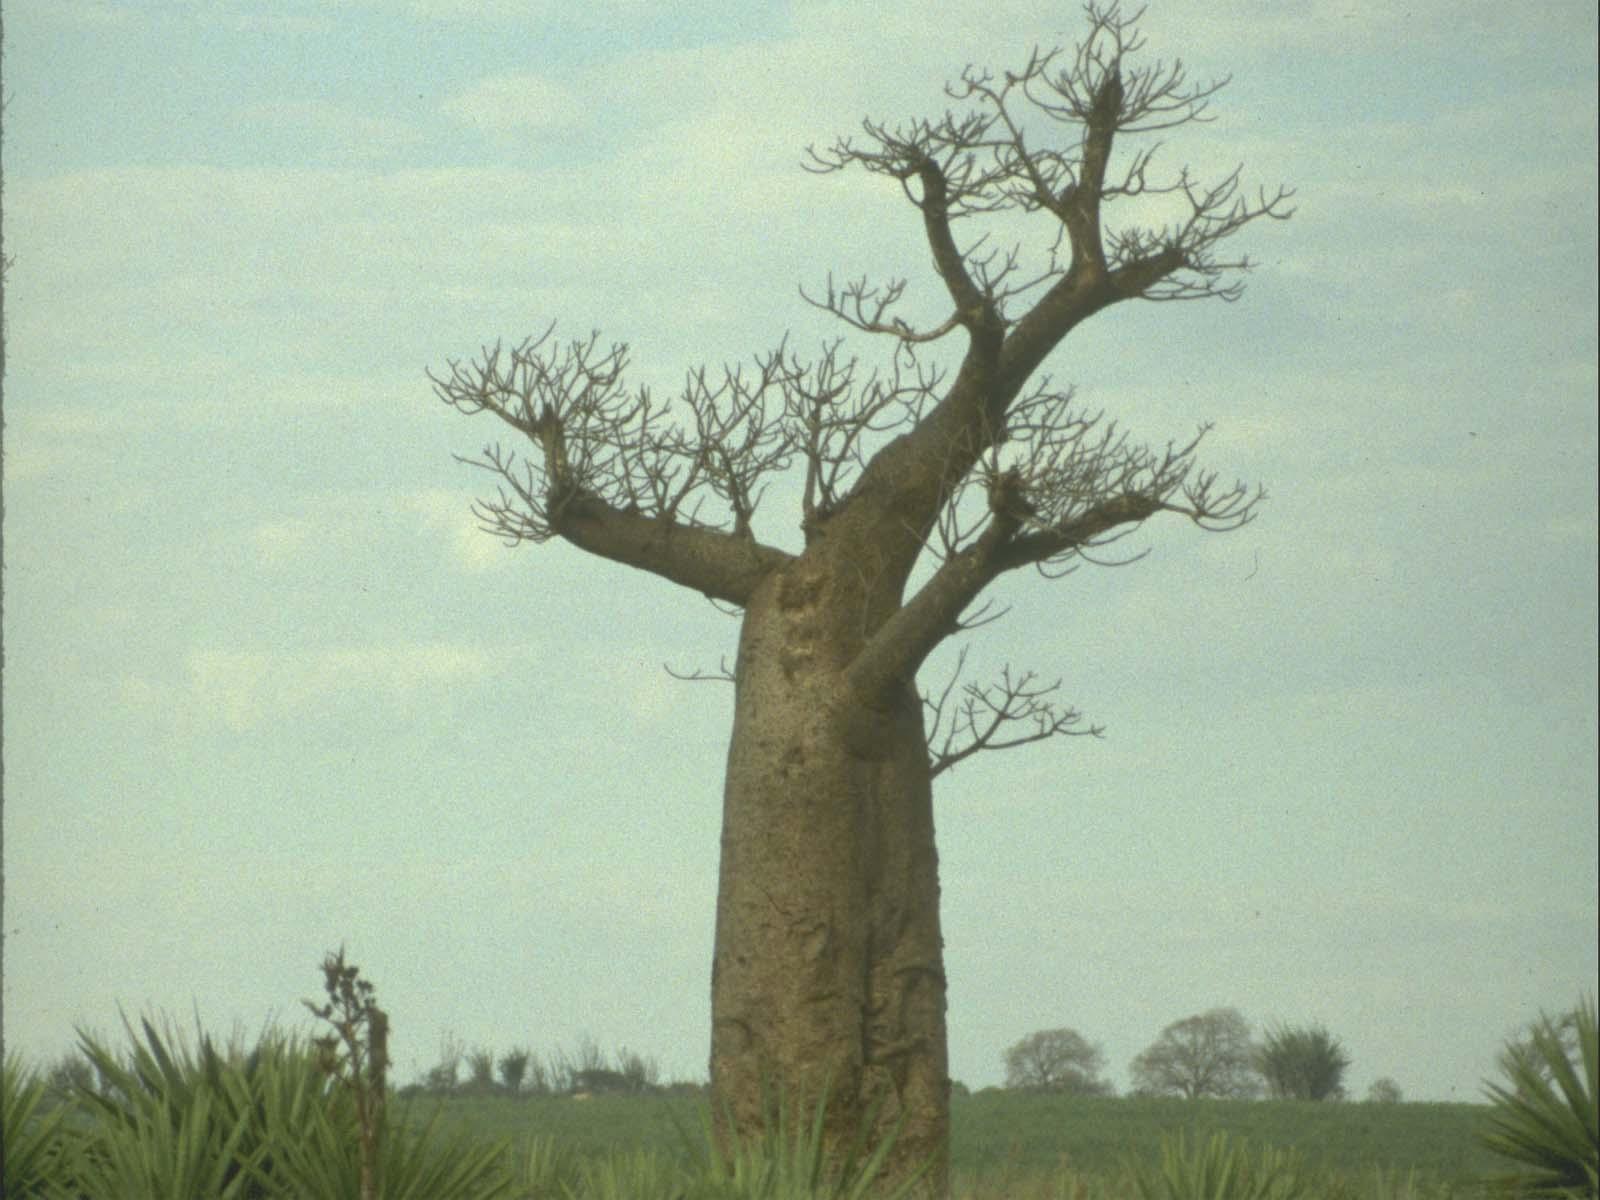 世界最粗的树图片_世界上最粗的猴面包树图片